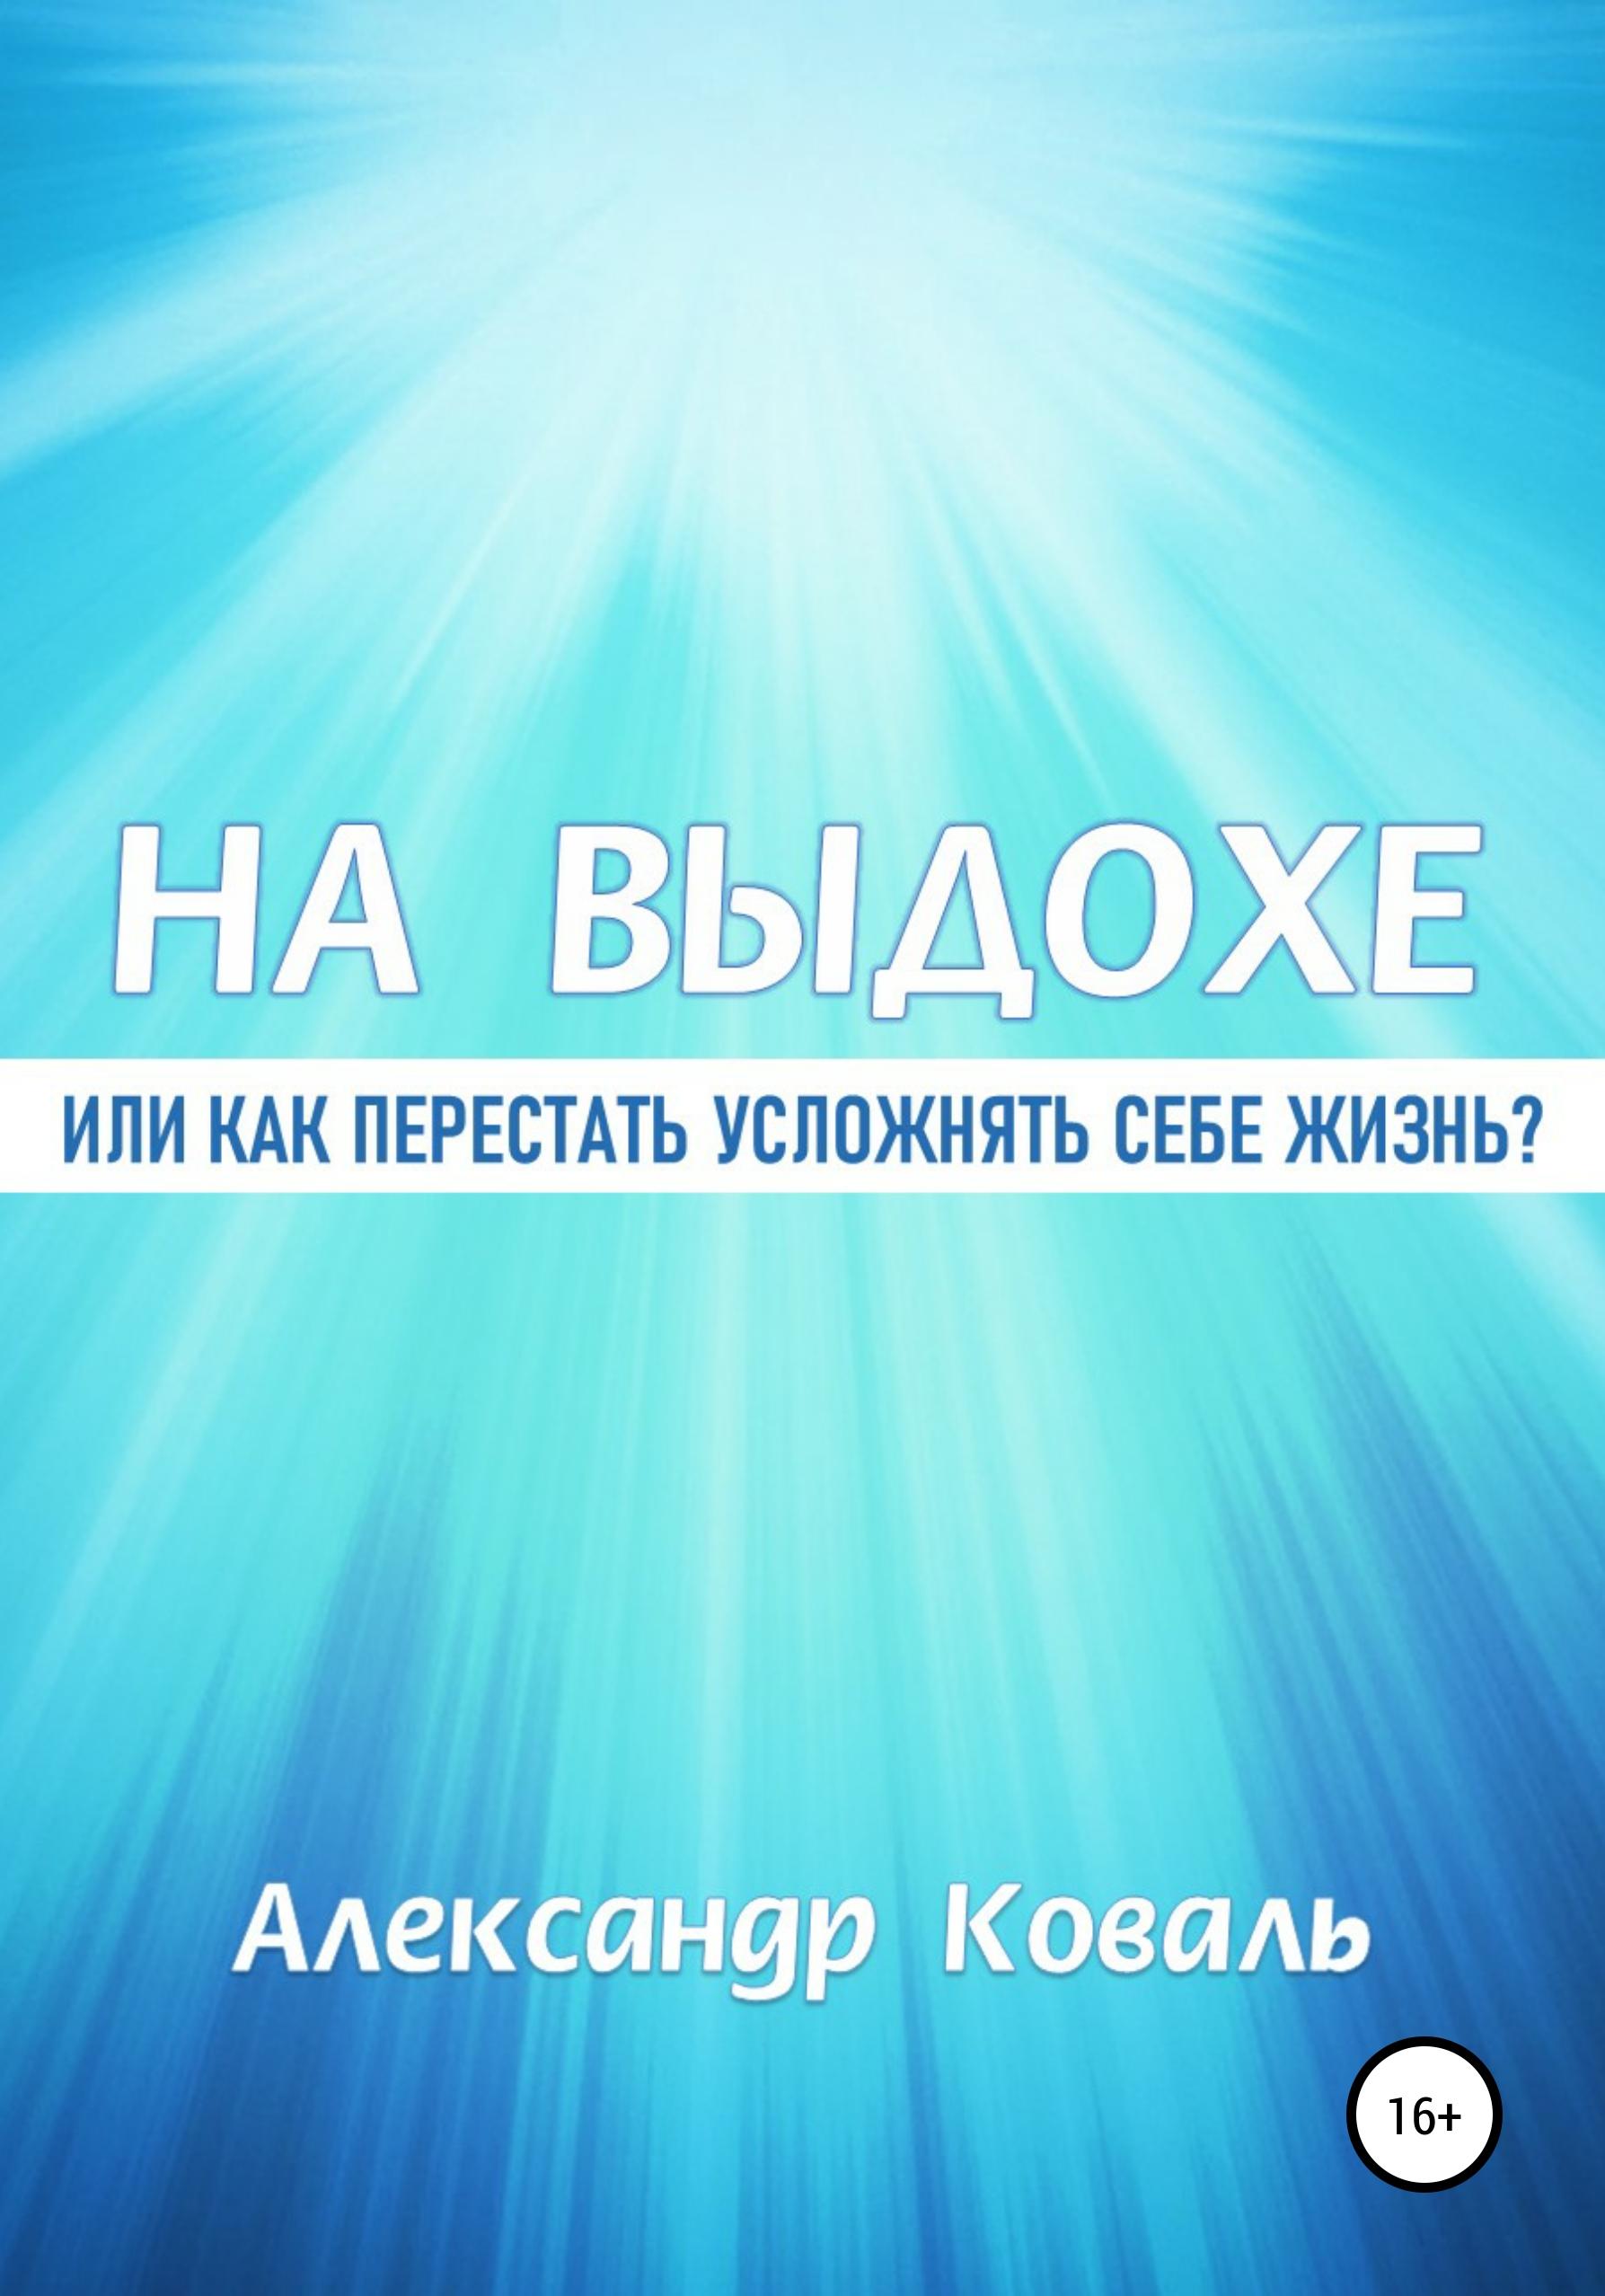 Купить книгу На выдохе, или Как перестать усложнять себе жизнь, автора Александра Викторовича Коваля